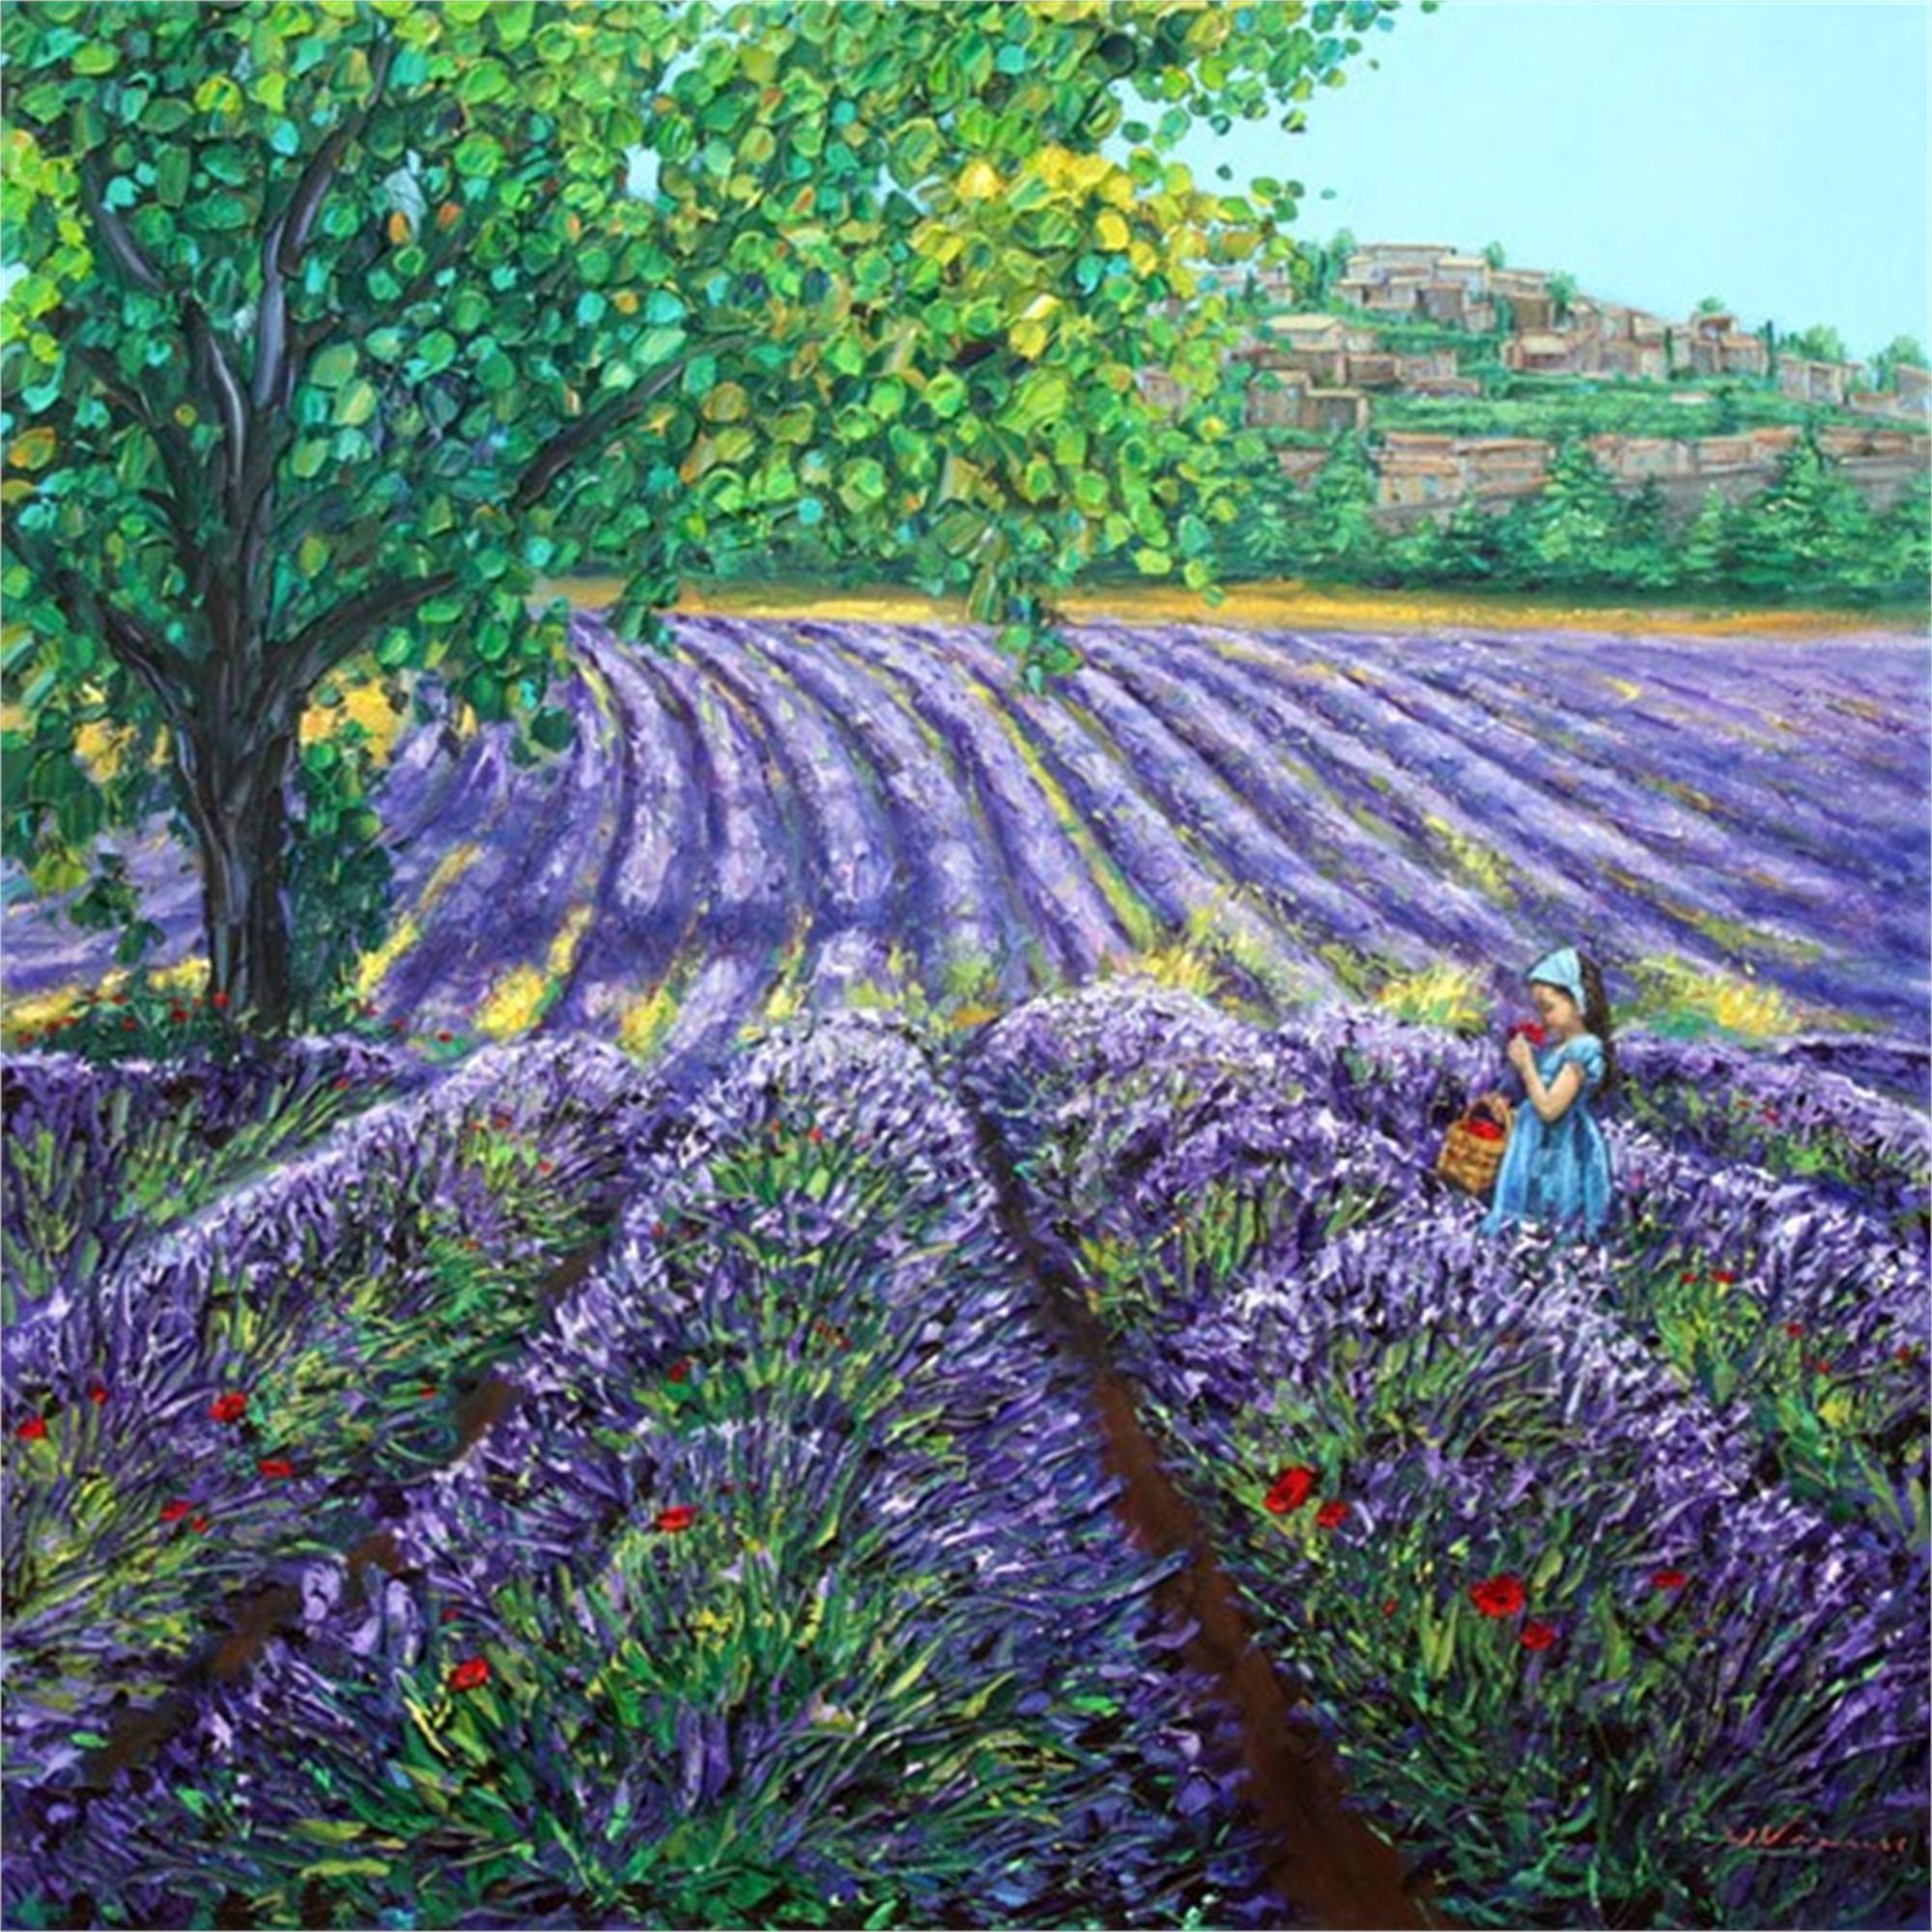 Scent of Provence by Jennifer Vranes